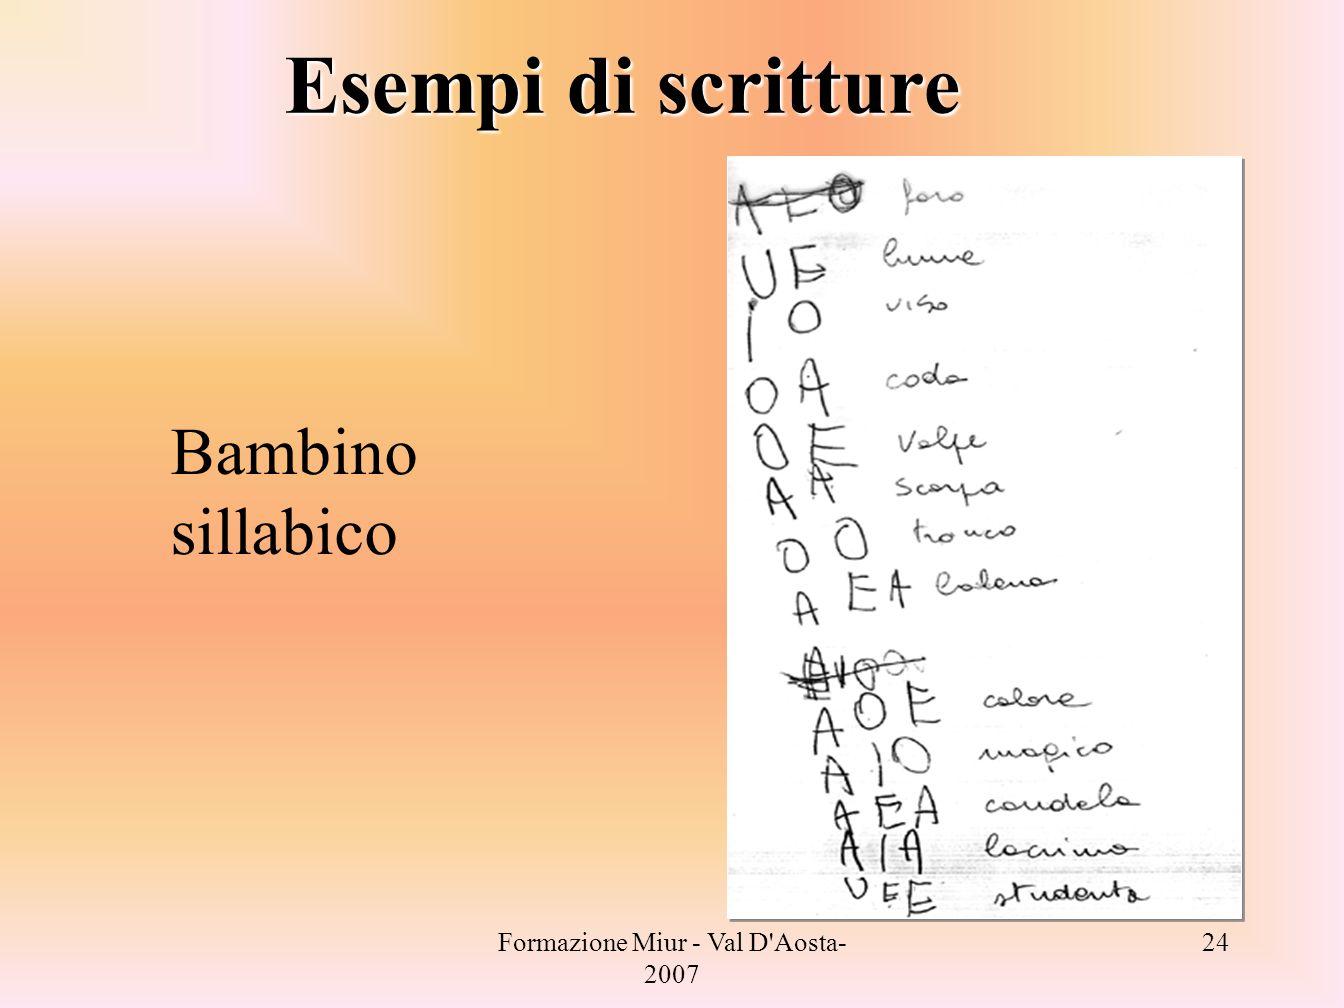 Formazione Miur - Val D'Aosta- 2007 24 Bambino sillabico Esempi di scritture